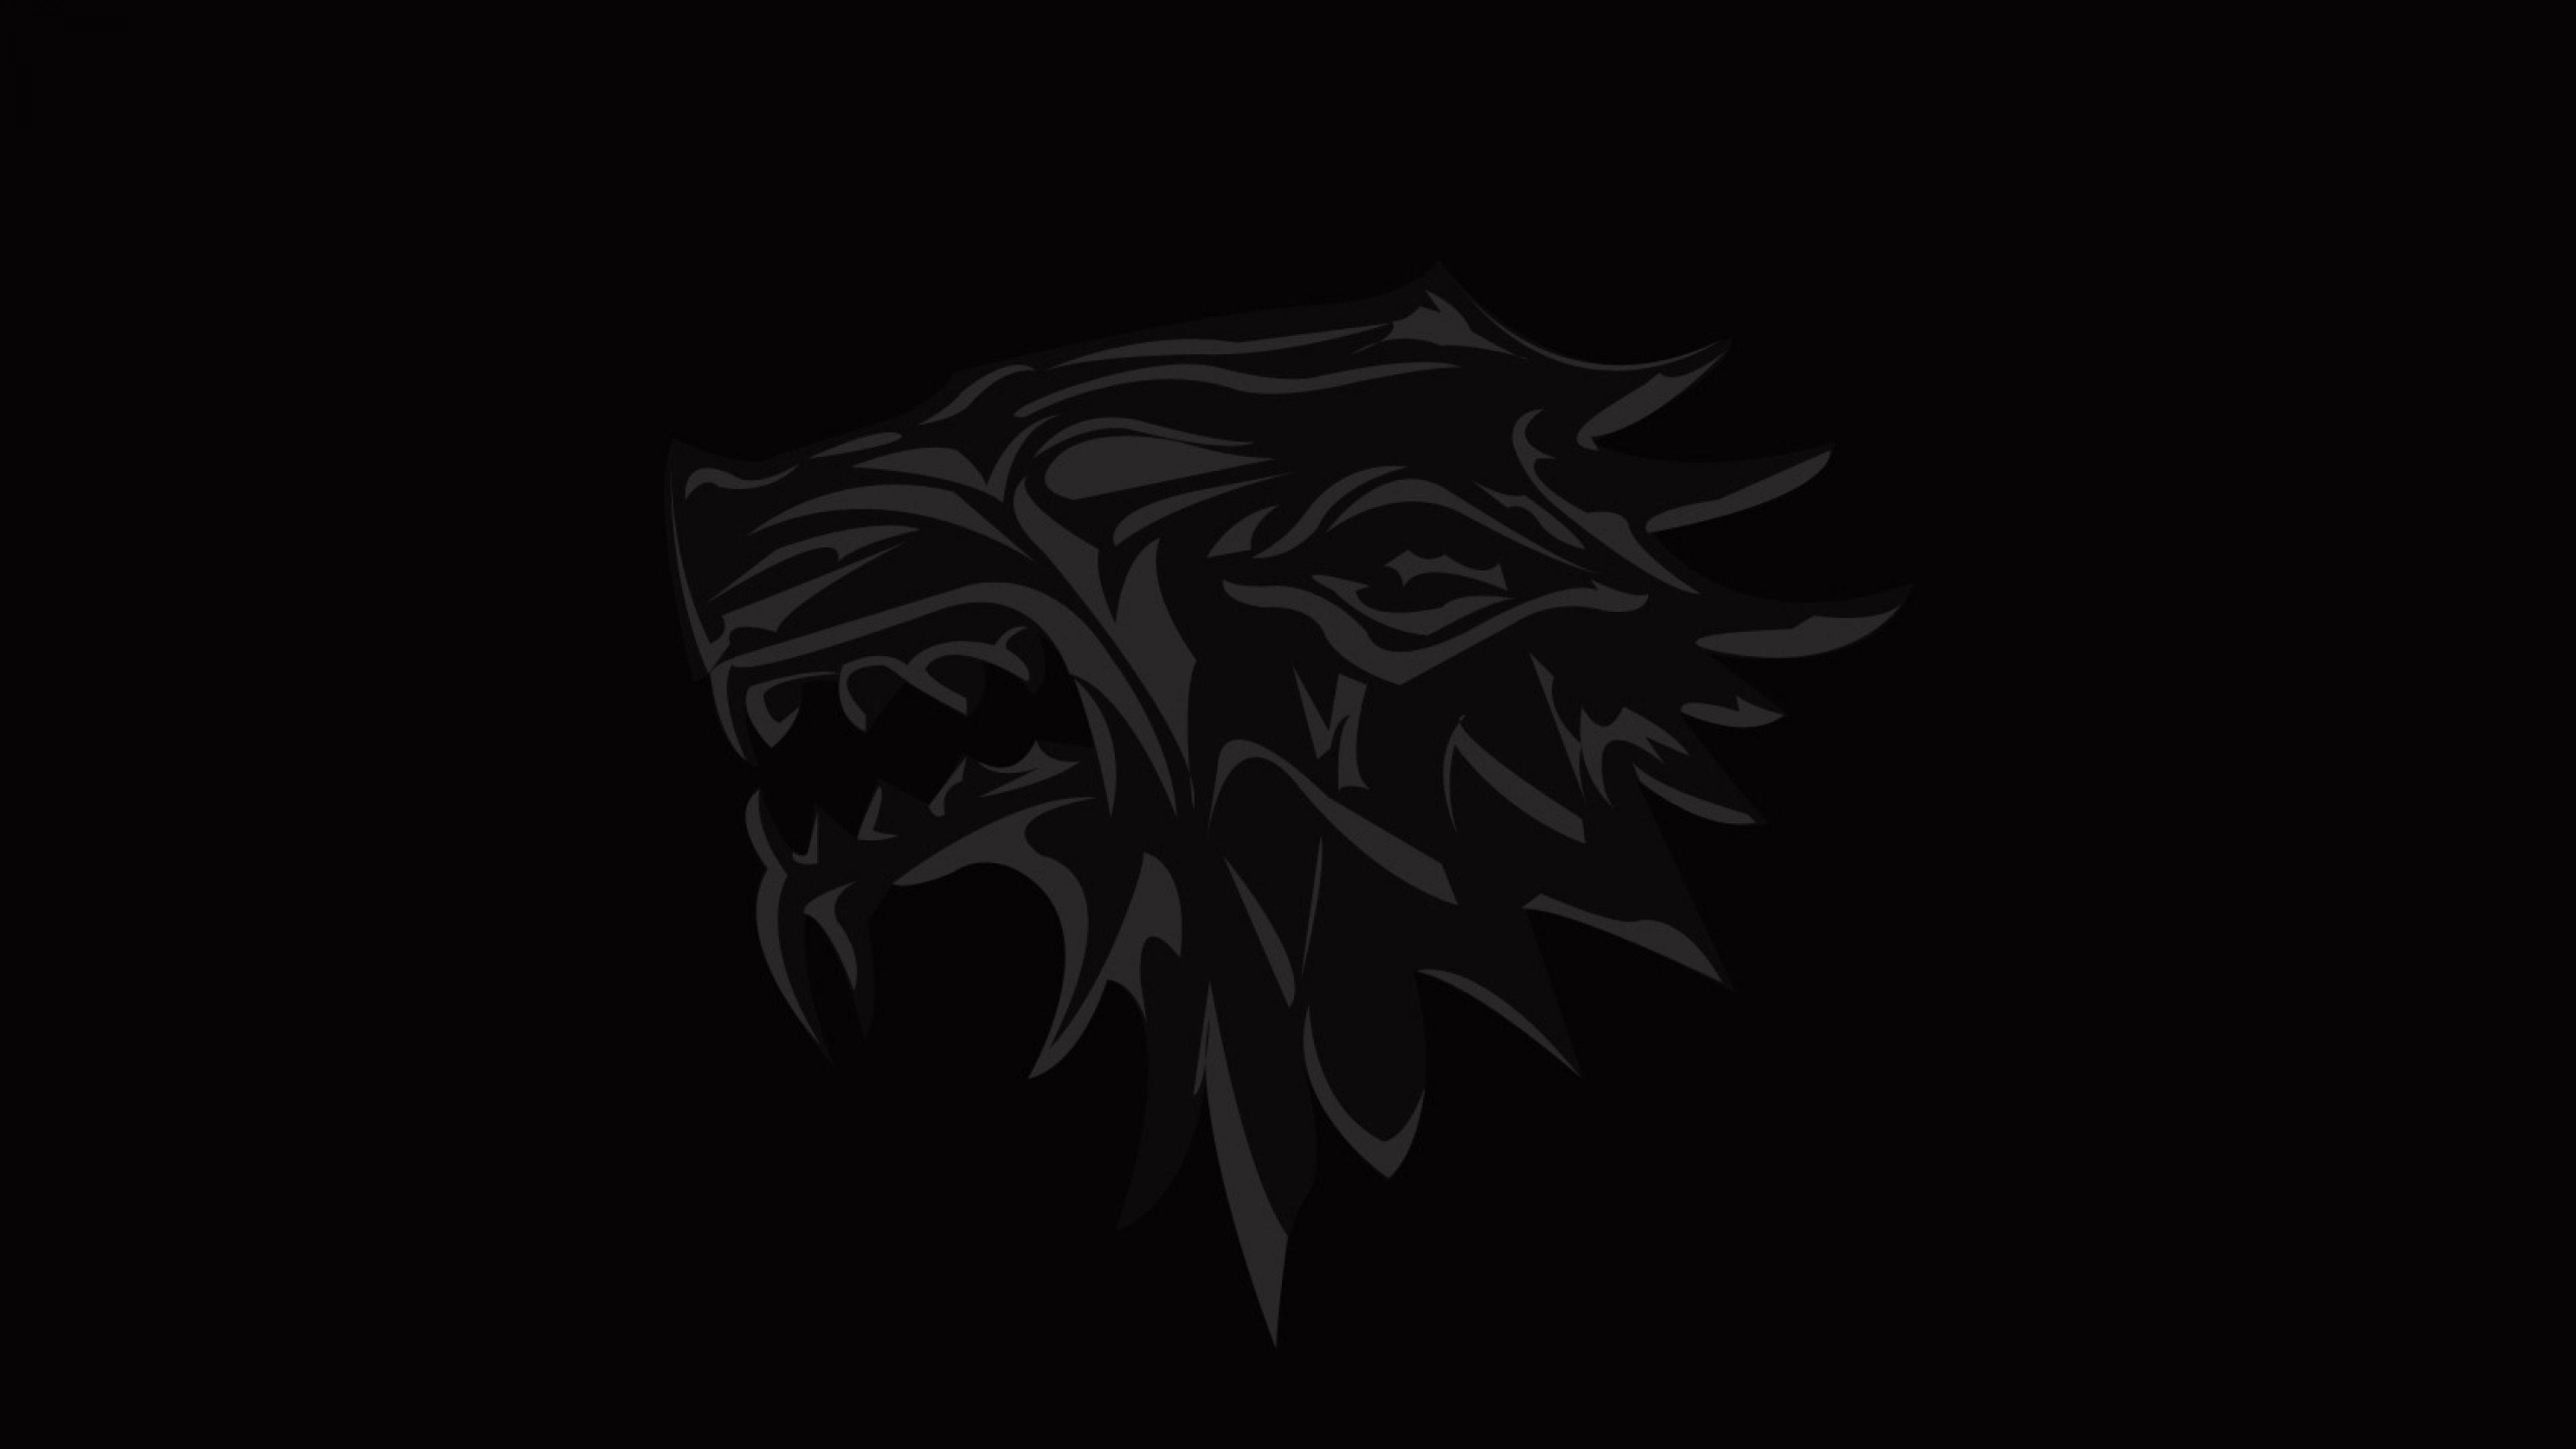 3840x2160 Wallpaper House Of Stark Game Of Thrones Logo Emblem Wolf Hd Wallpaper Wallpaper Desktop Wallpaper